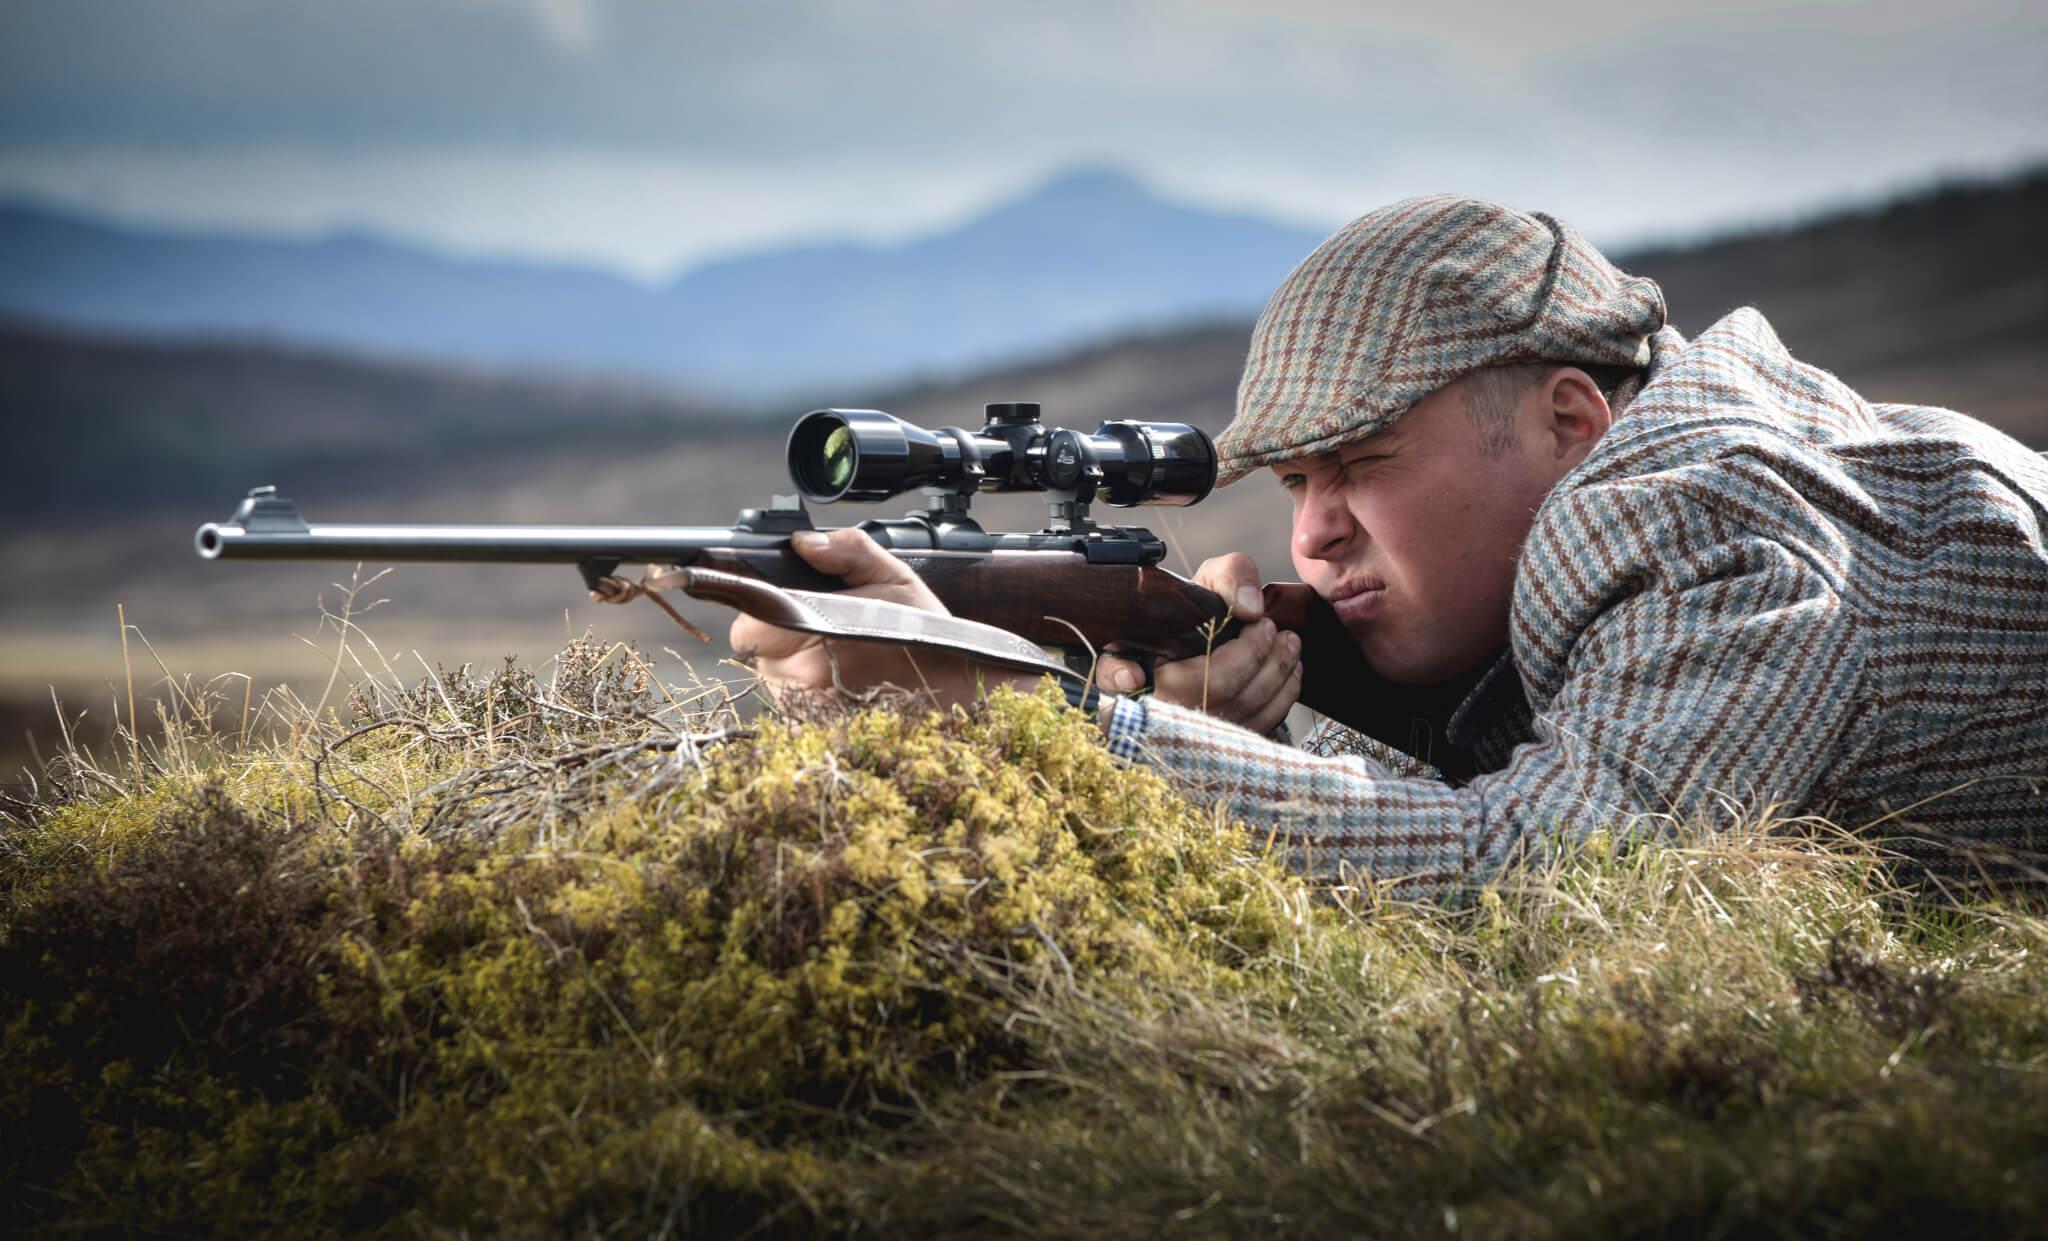 Il Leica Visus 3-12x50 sulla campagna pubblicitaria della nuovissima Rigby Highland Stalker